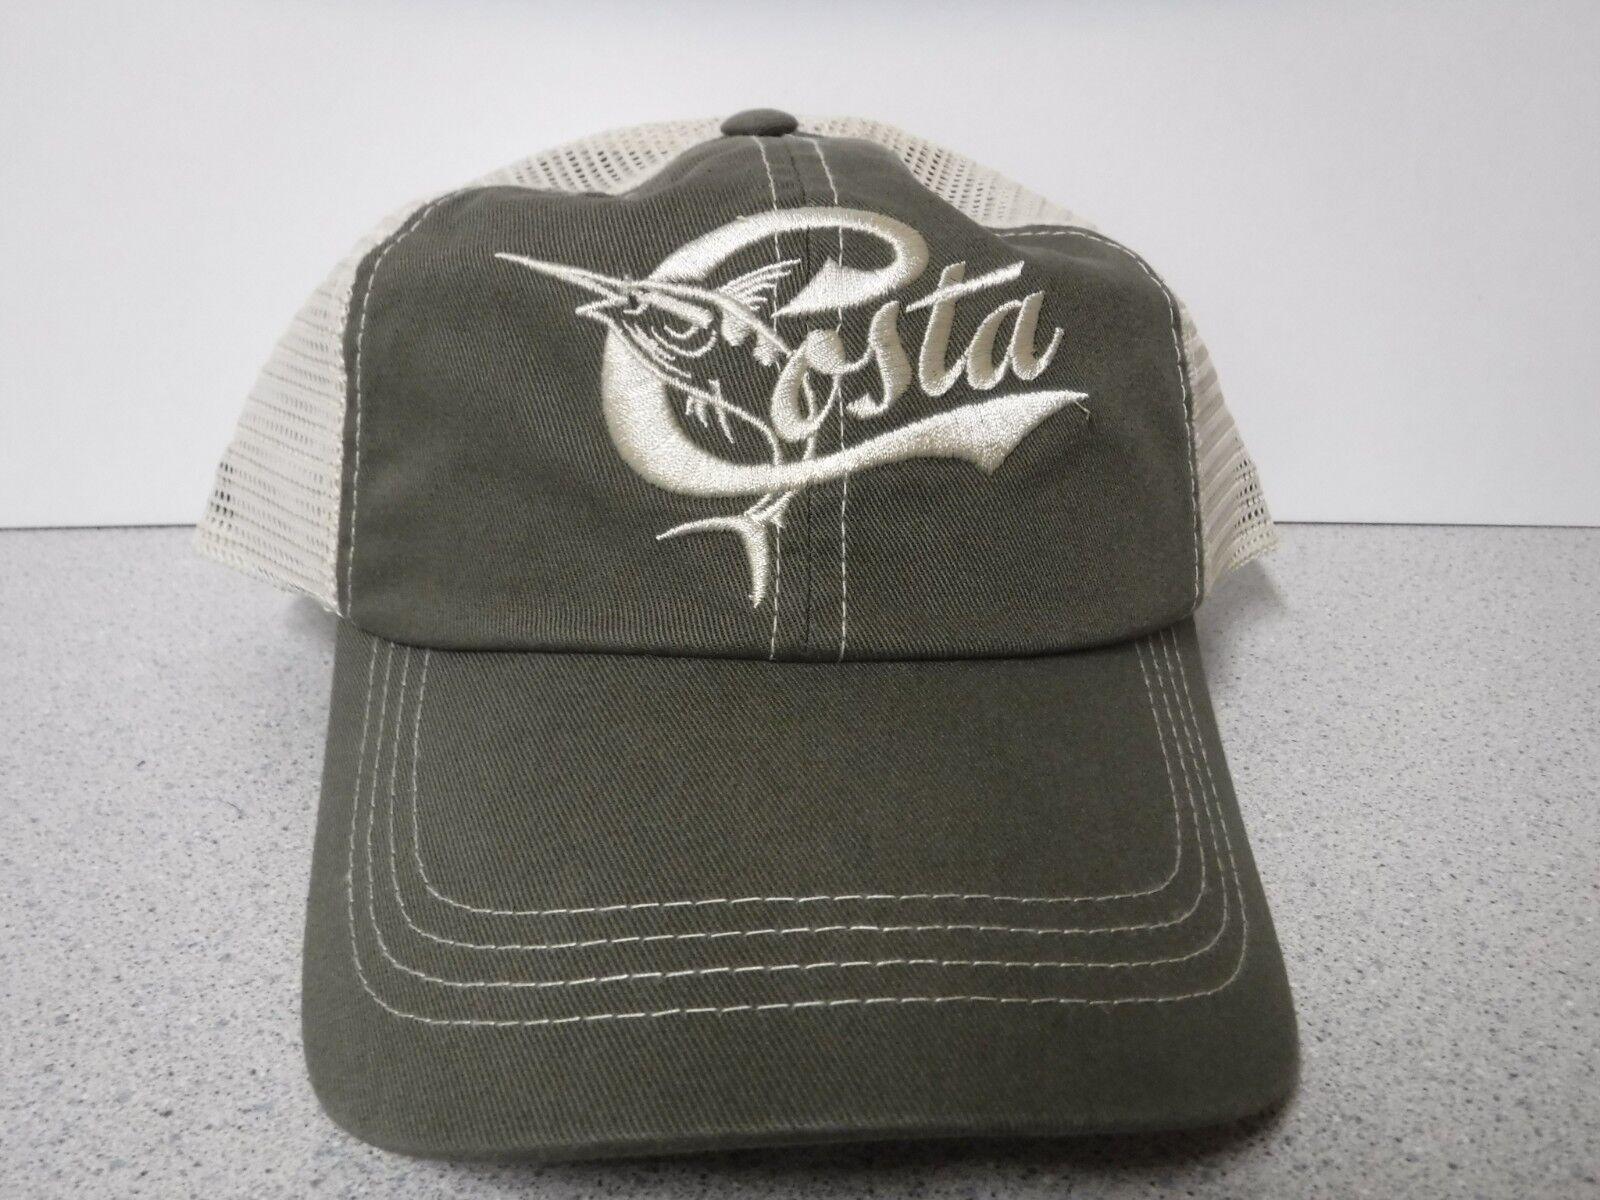 8c5c2ec4274a5 ... greece new costa hat retro trucker hat costa moss stone adjustable  723fdc e71a8 c8c94